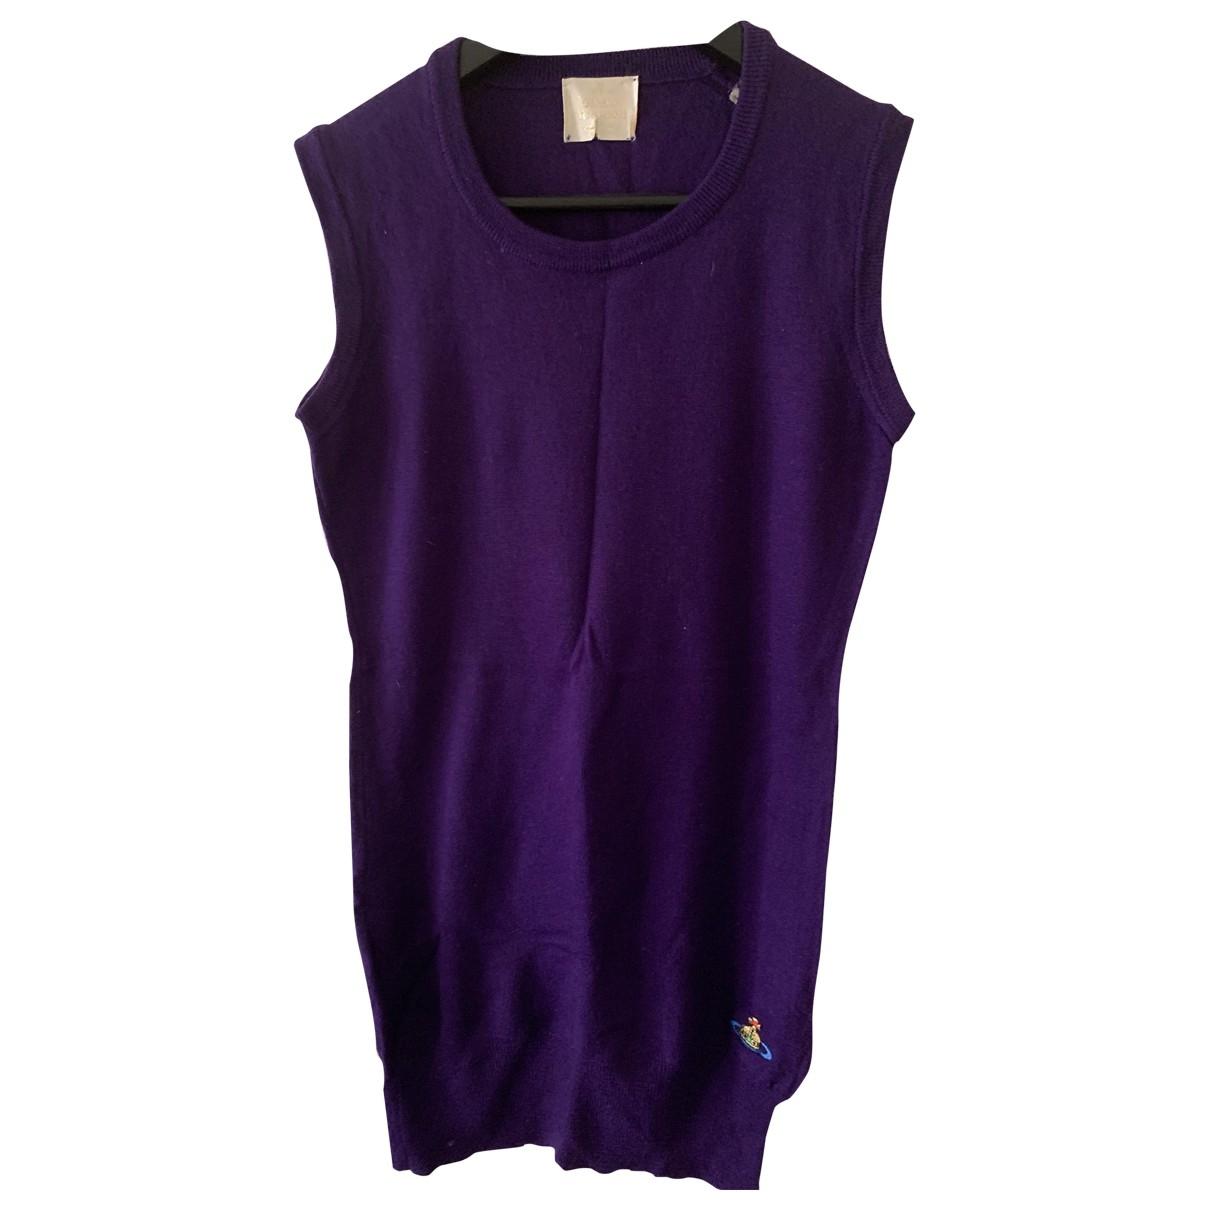 Vivienne Westwood \N Kleid in  Lila Wolle